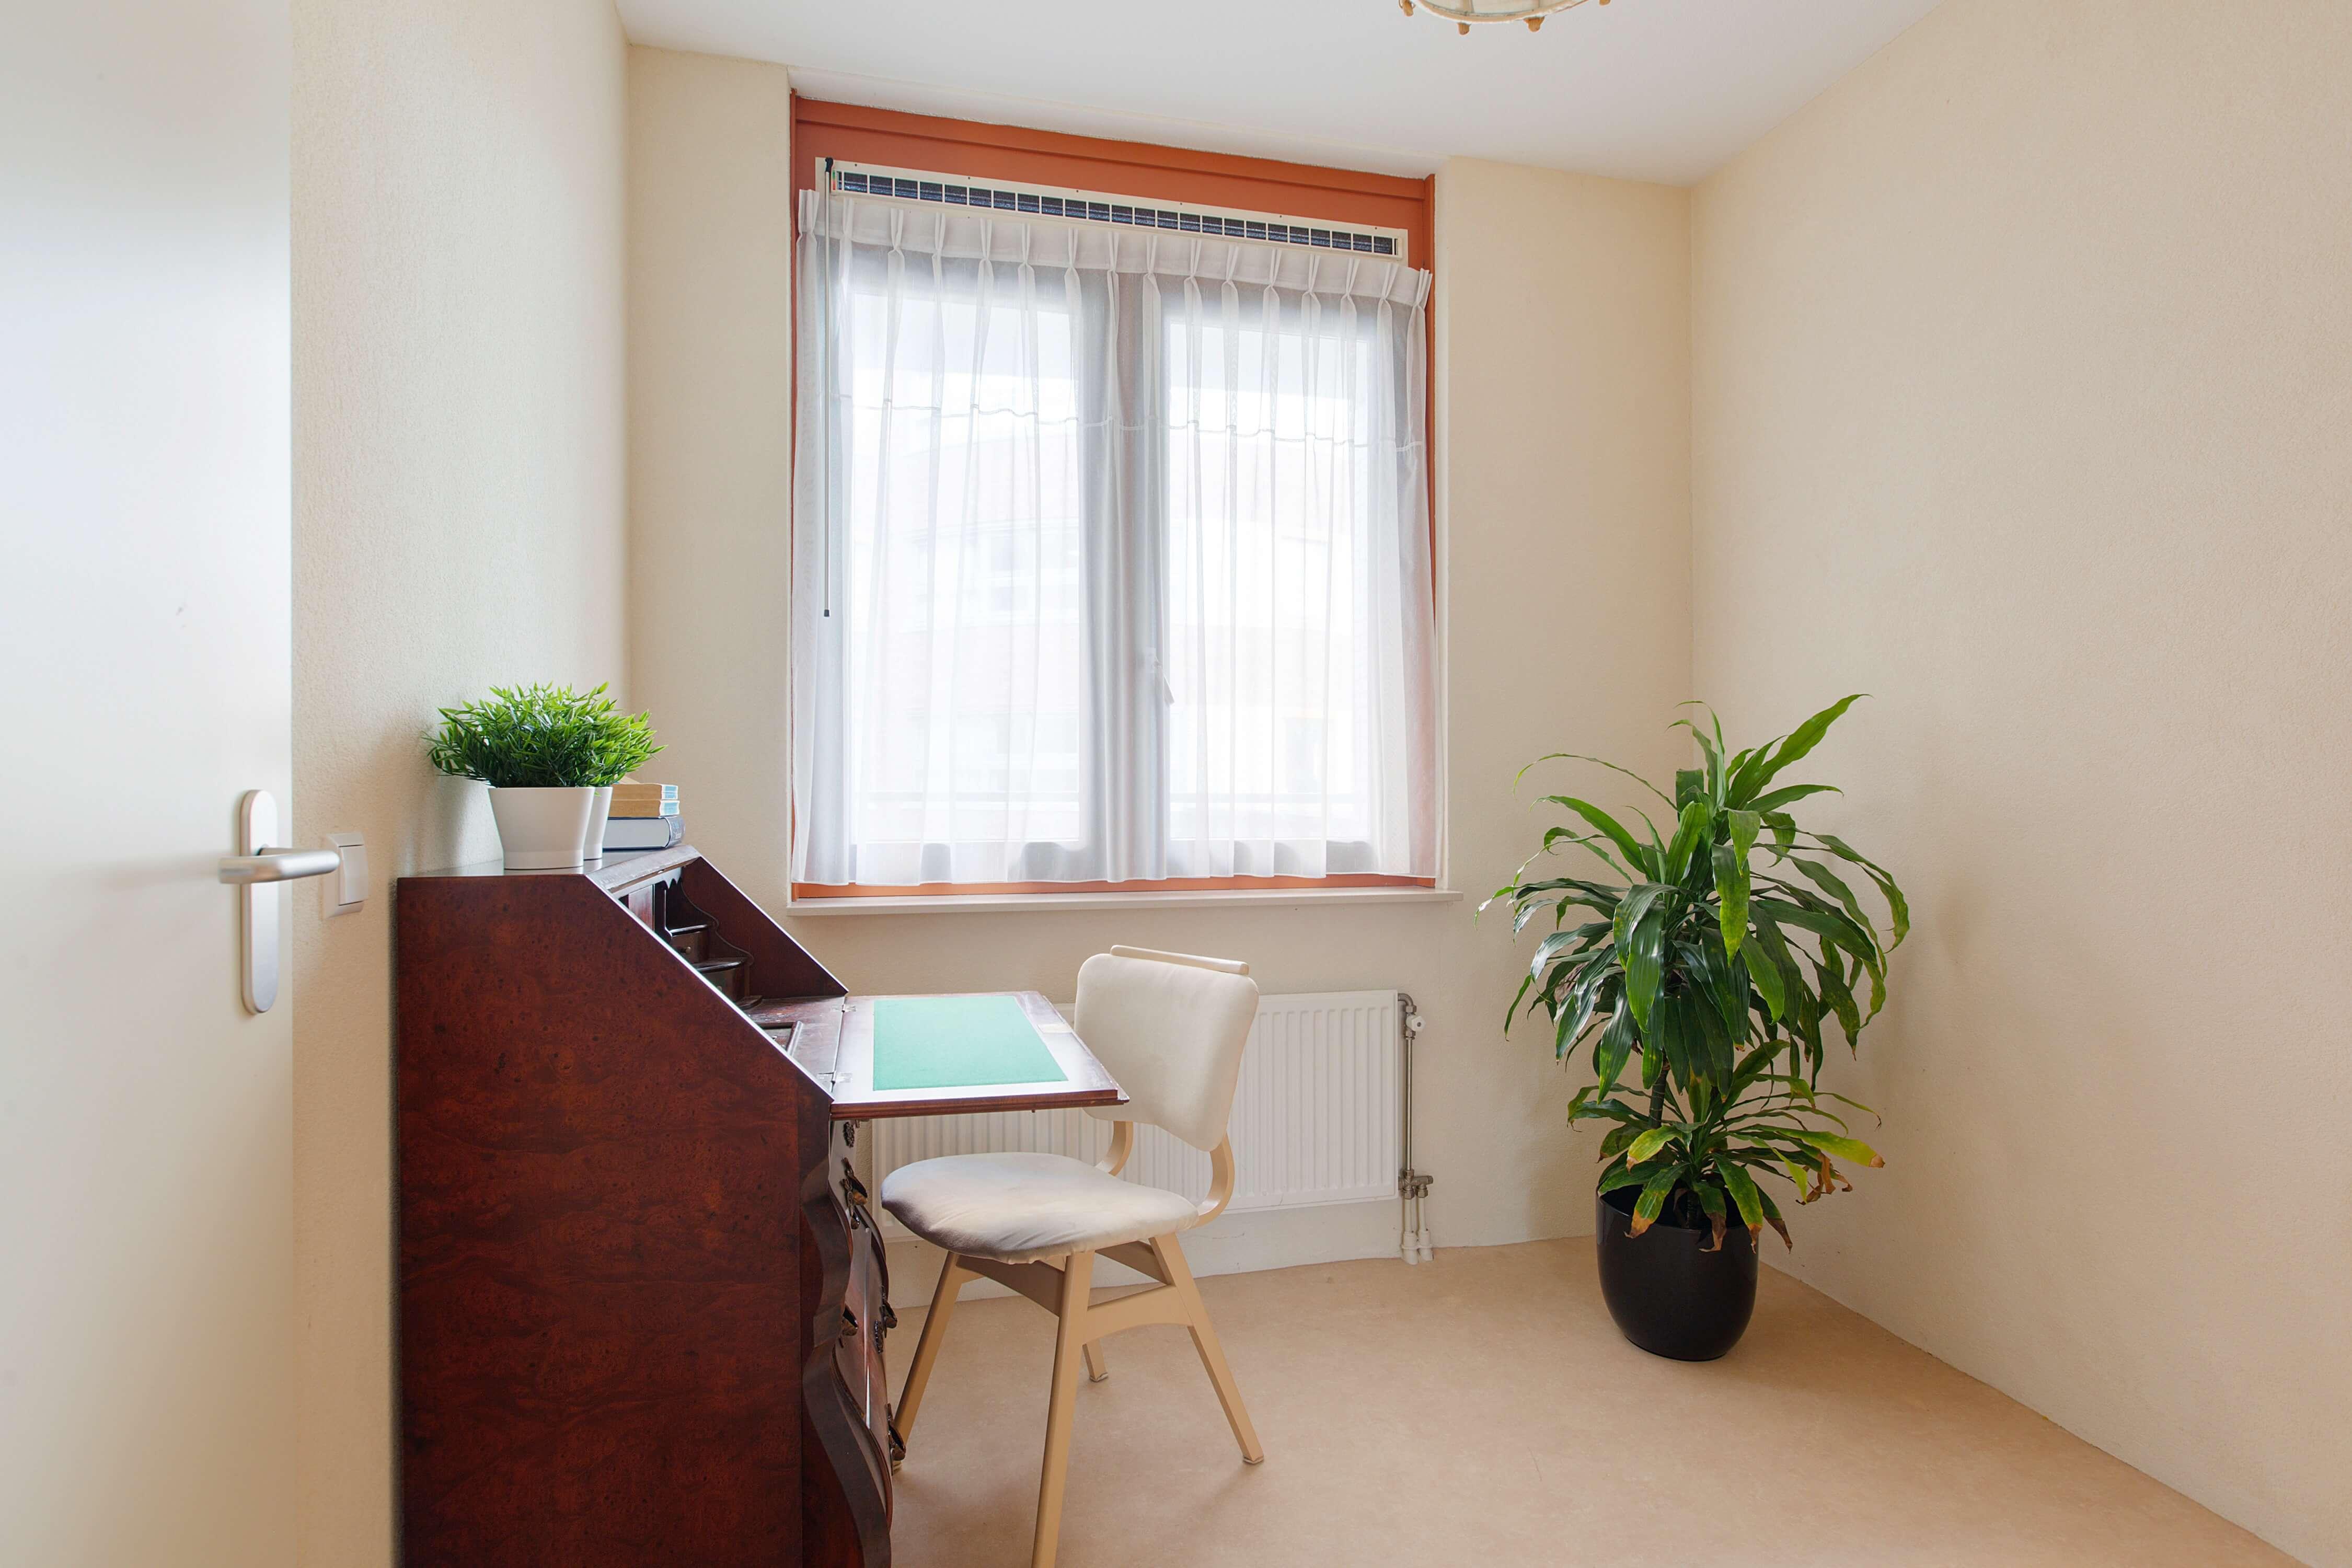 Te koop appartement Heemskerk Lessestraat Heemskerk slaapkamer 2 - Huisinzicht